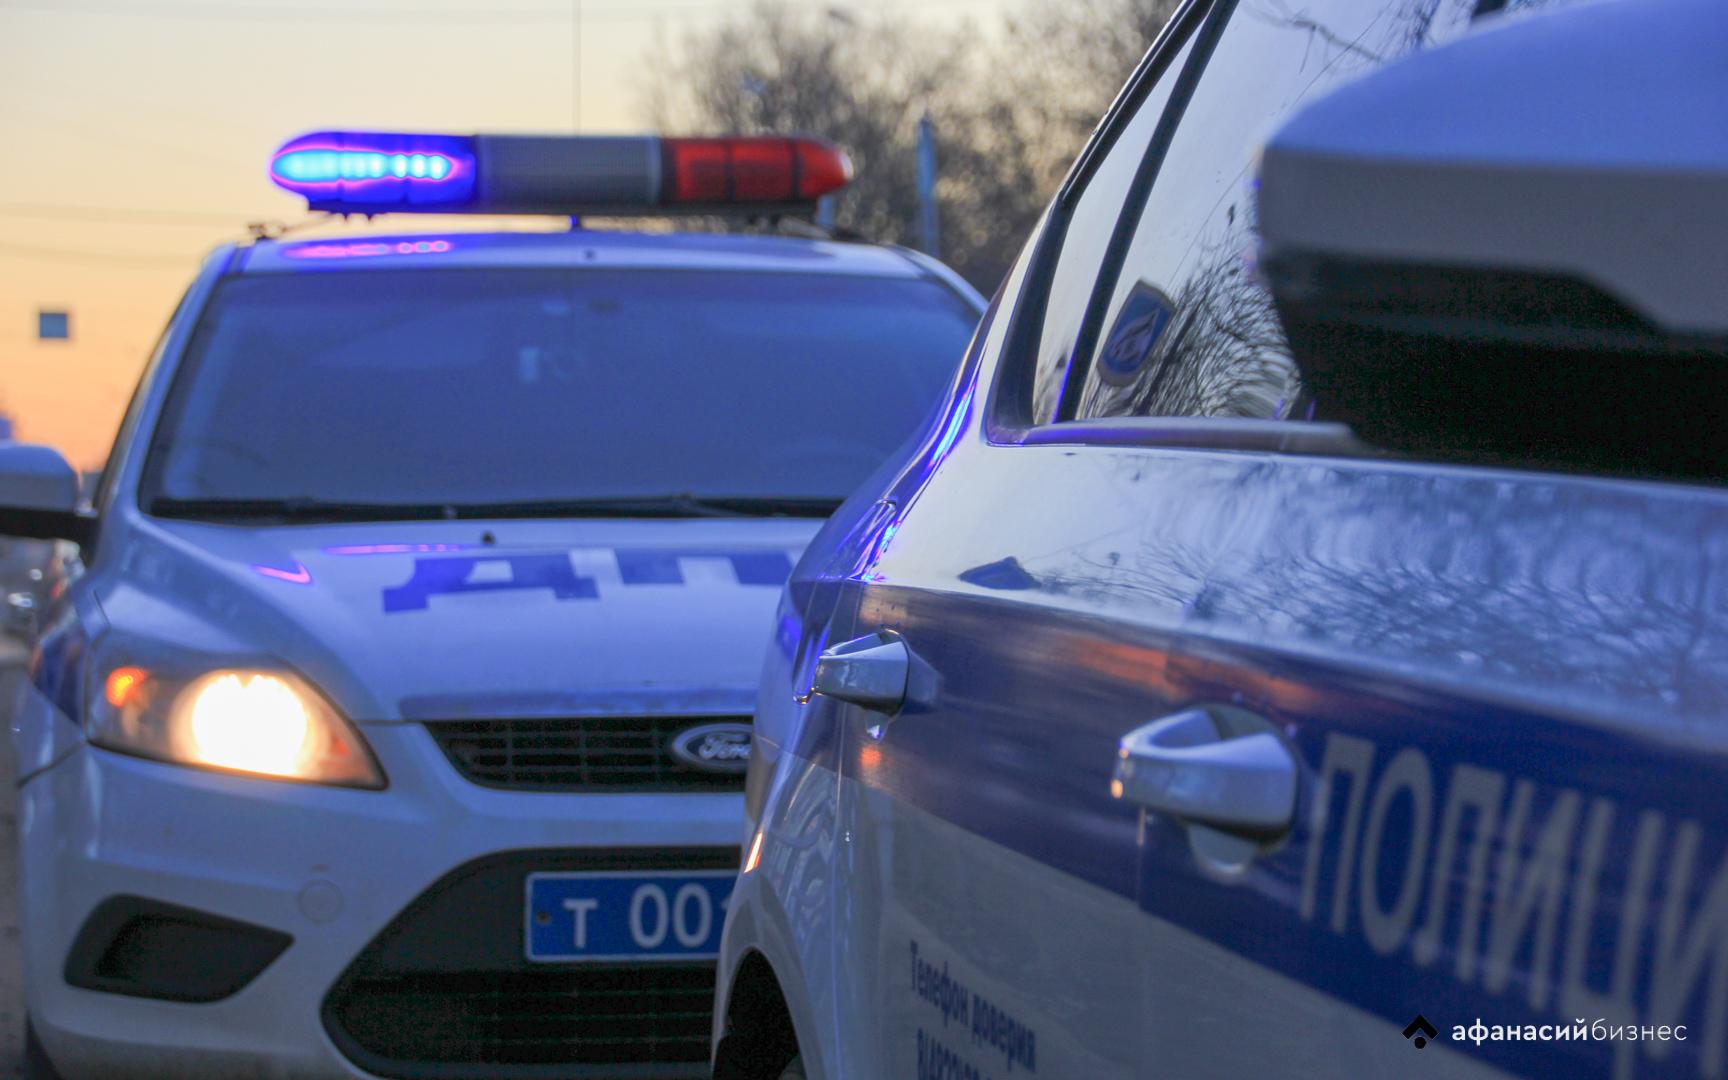 В Твери водитель автобуса получил раны во время конфликта на дороге - новости Афанасий